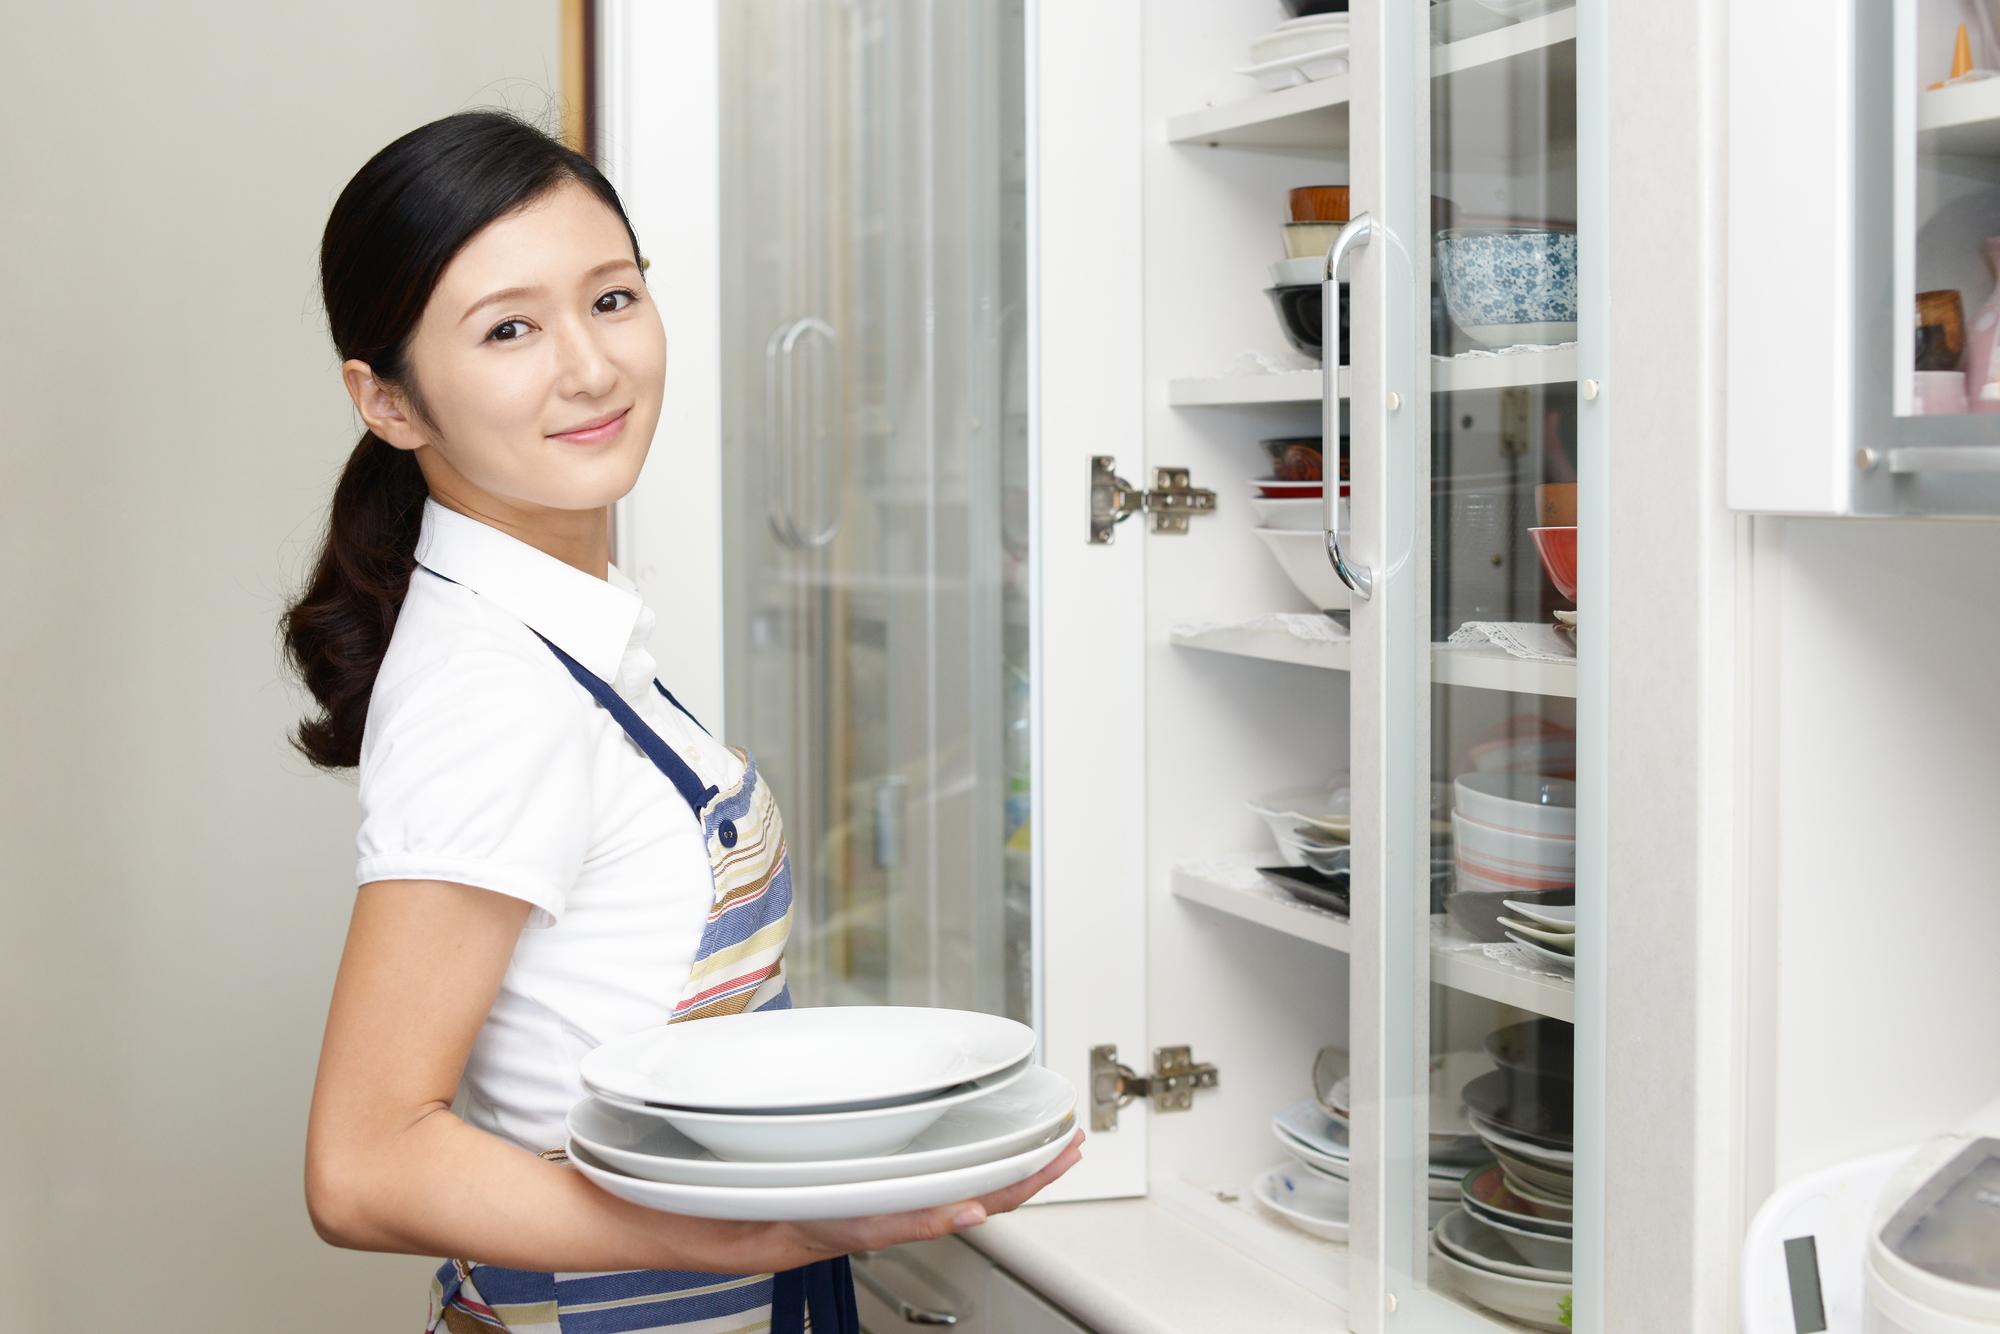 いまさら人に聞けない!食器の基本的な収納方法